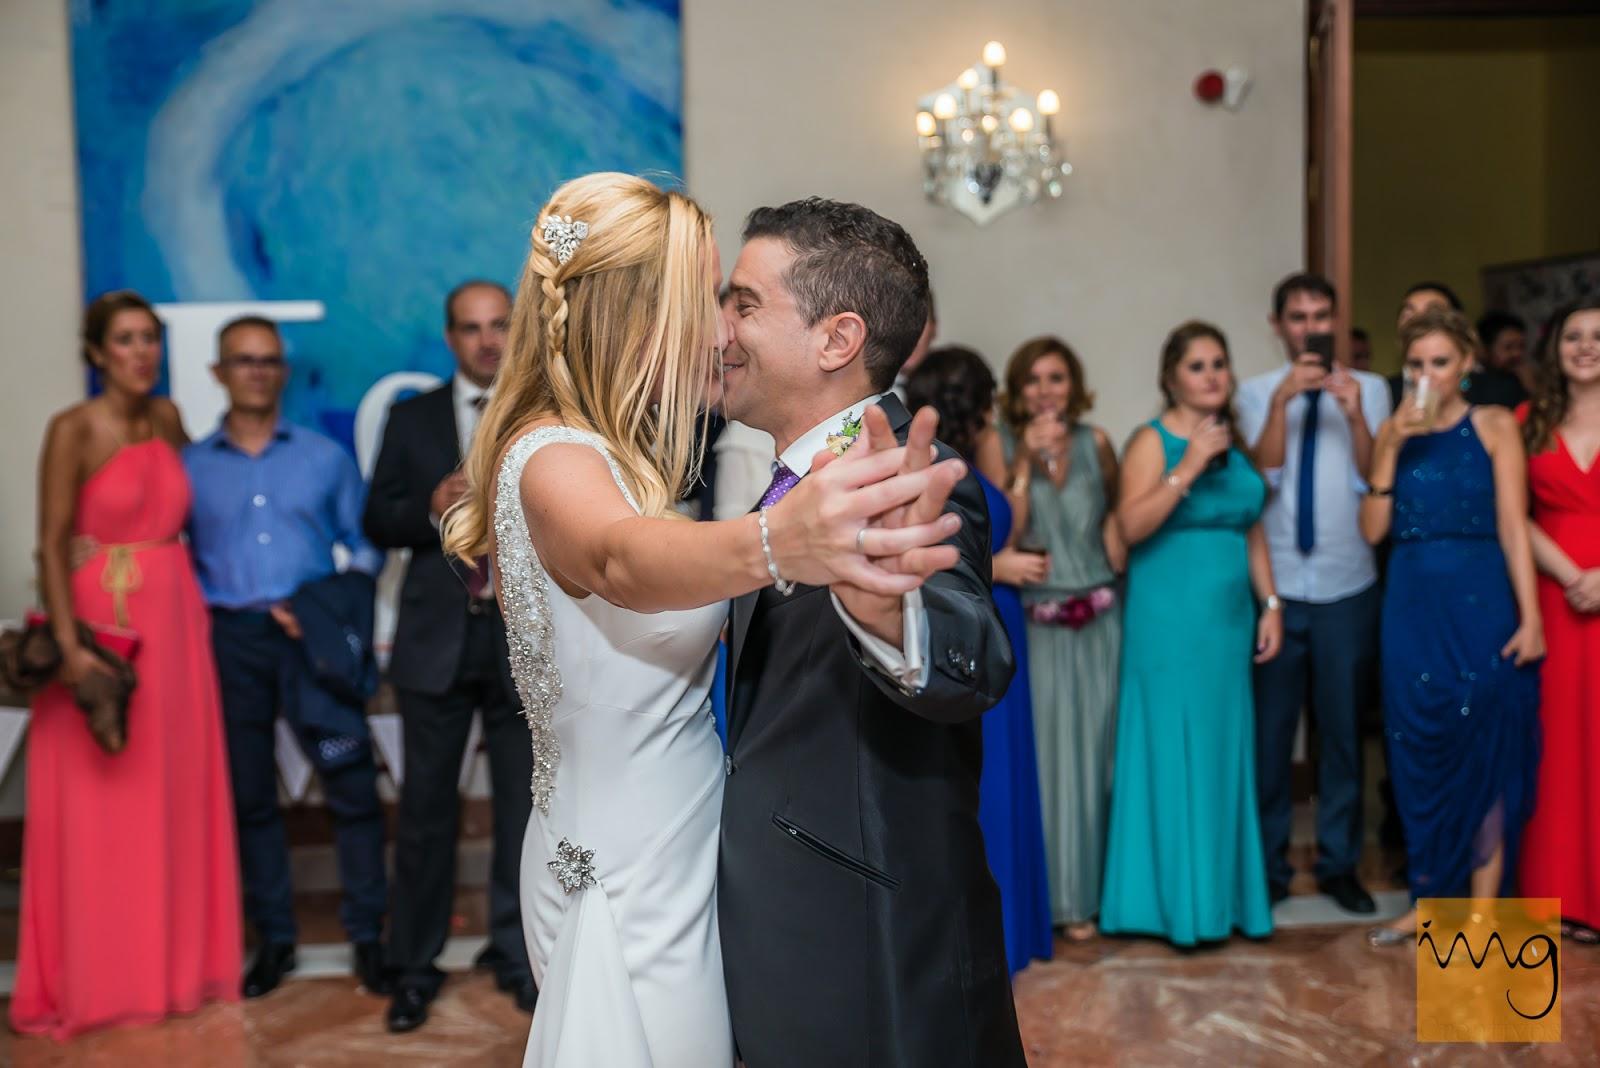 Fotografía del baile de boda